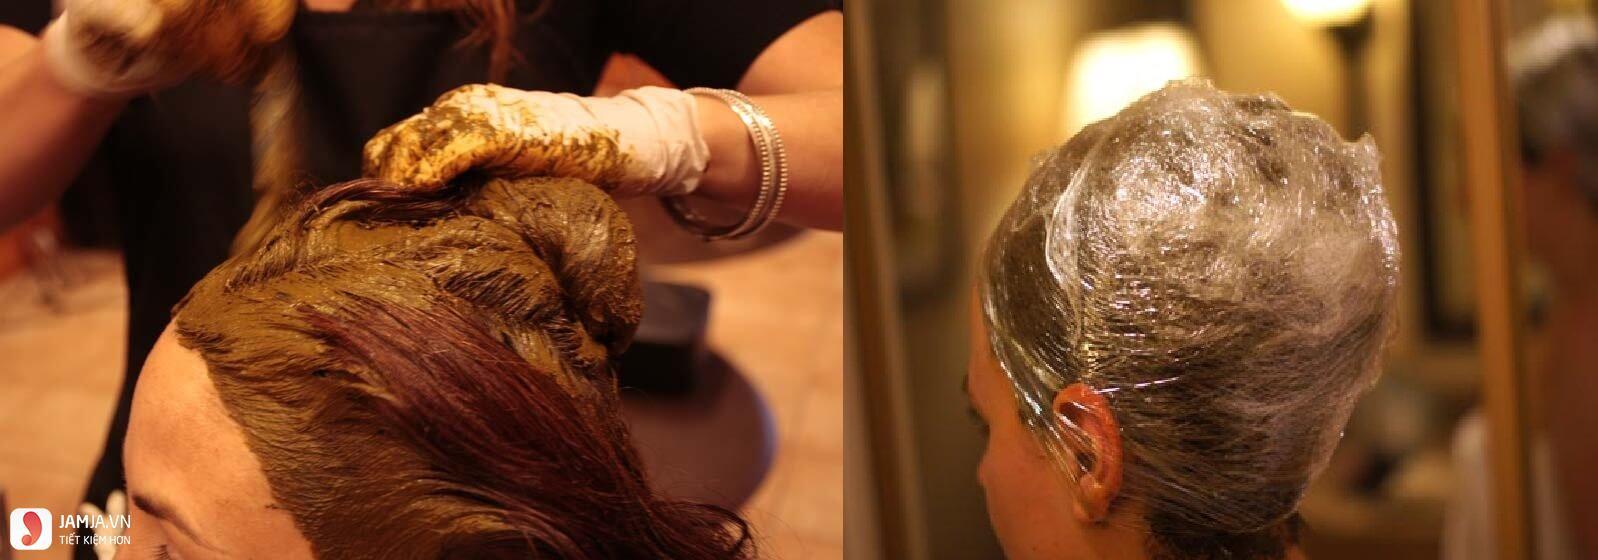 Nhuộm tóc nâu đen bằng lá móng 2